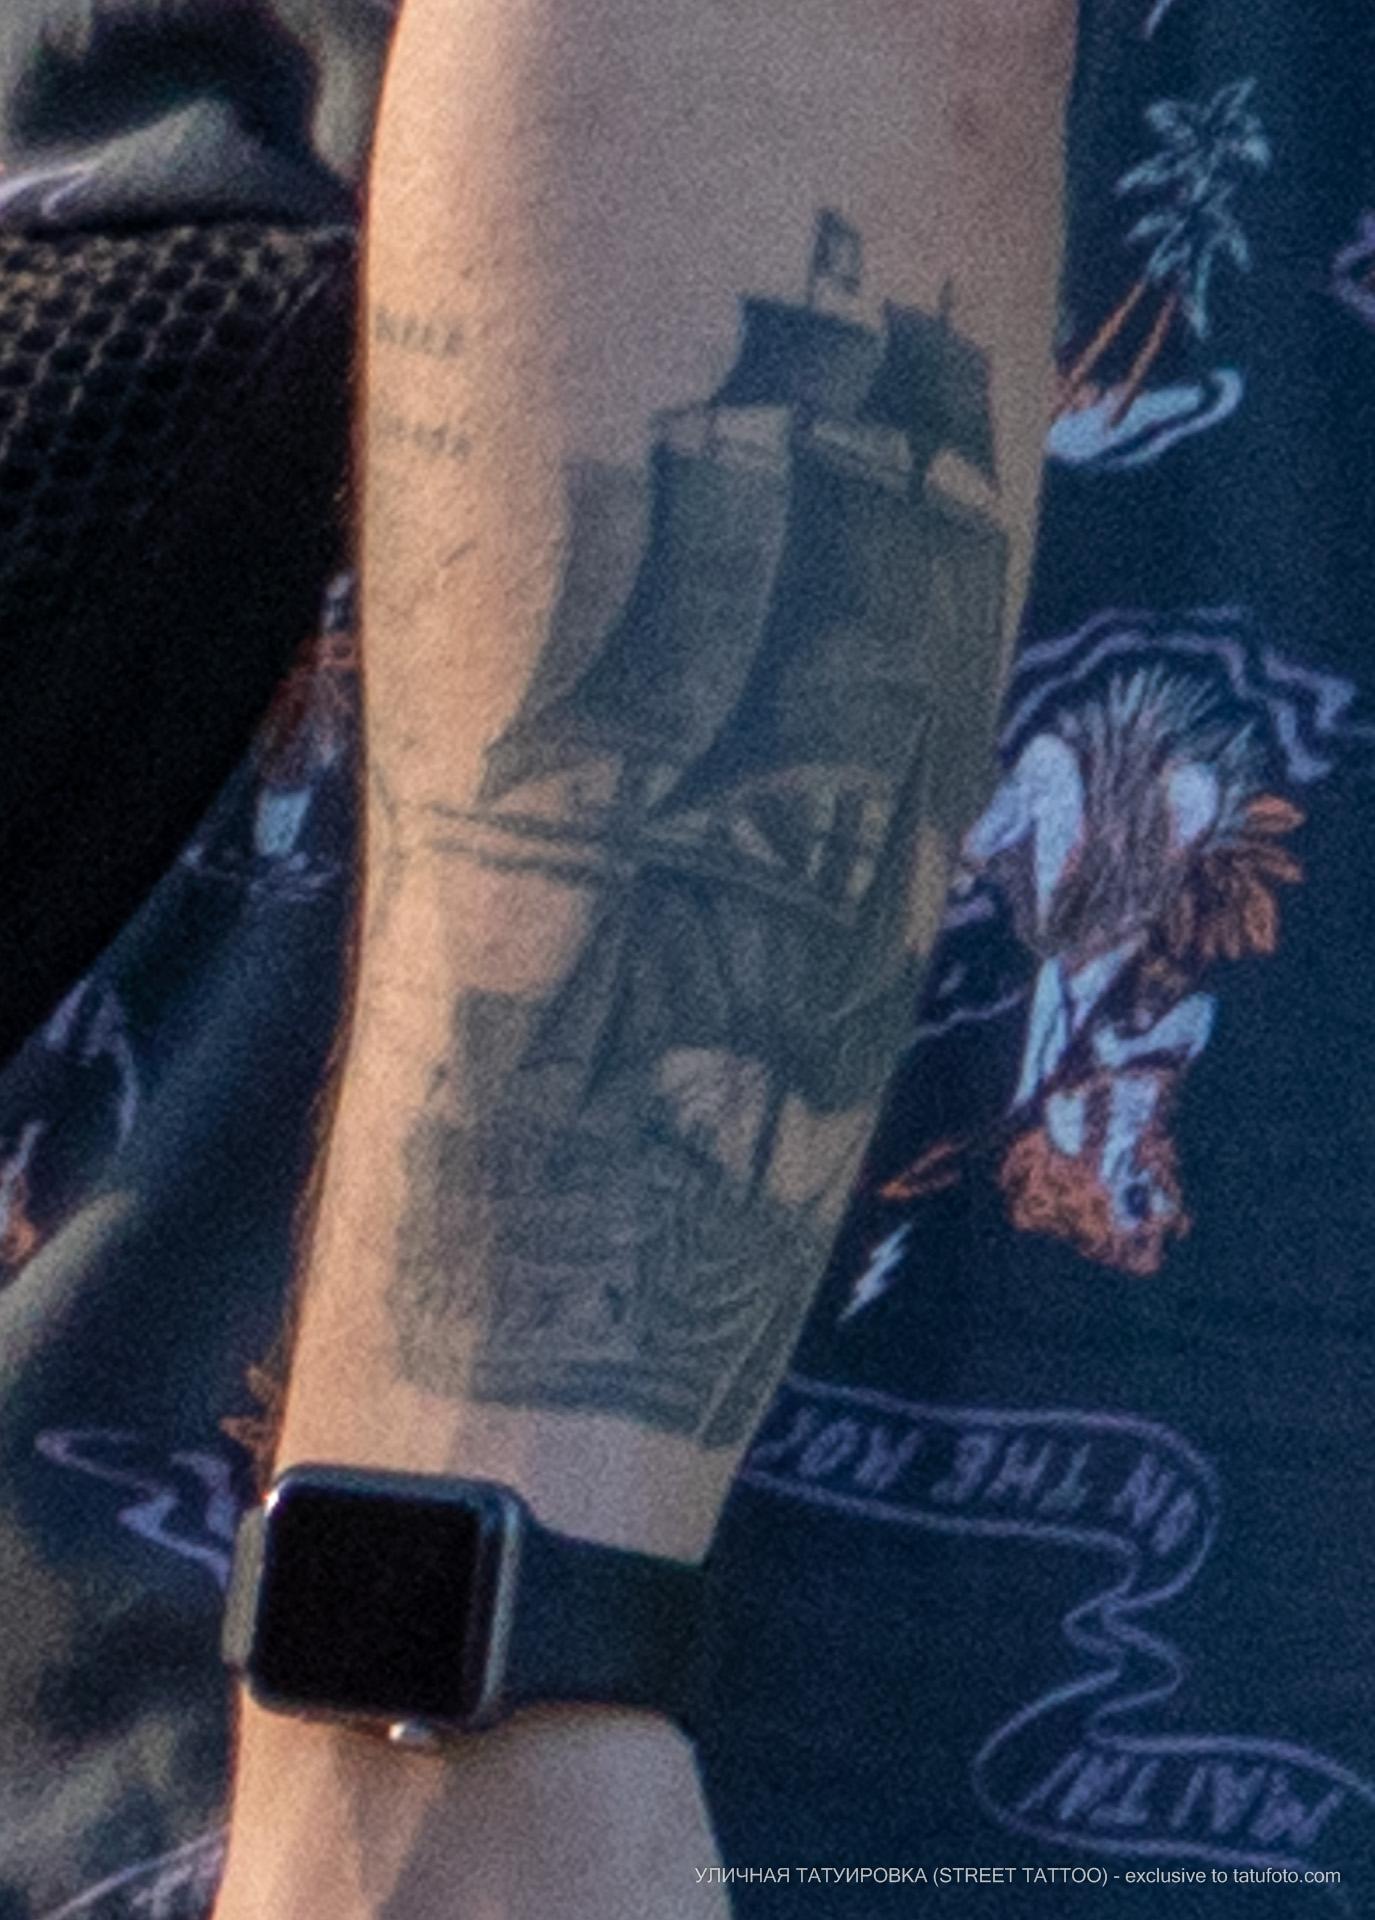 Тату с парусником на руке парня – Уличная татуировка (street tattoo) № 06 – 18.06.2020 – tatufoto.com 2